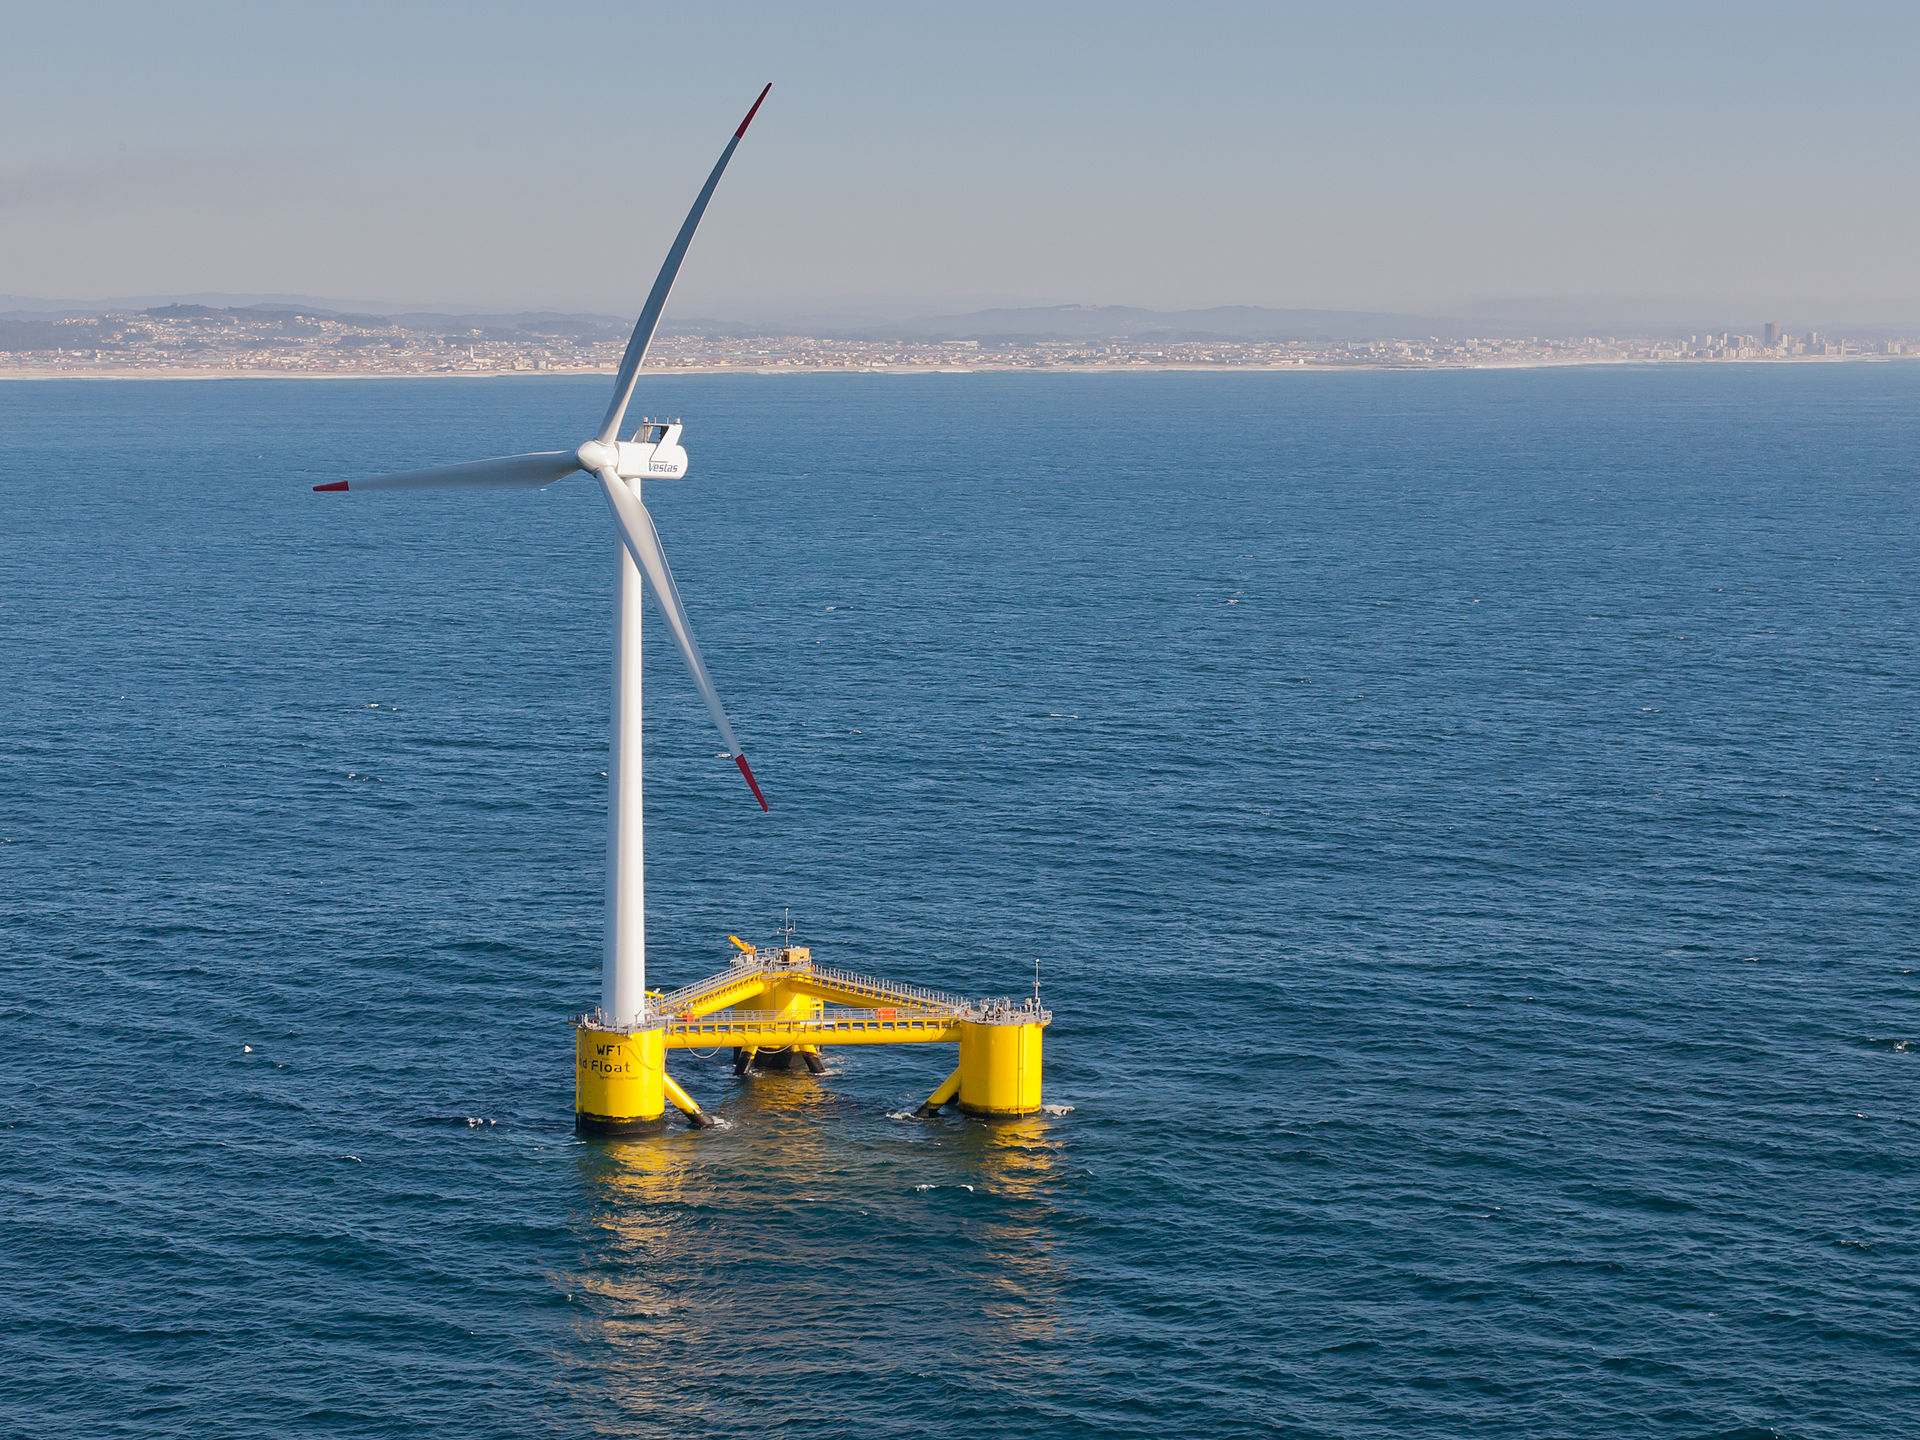 Плавучие ветряные электростанции собирают энергию сильнейших ветров на Земле. Facepla.net последние новости экологии